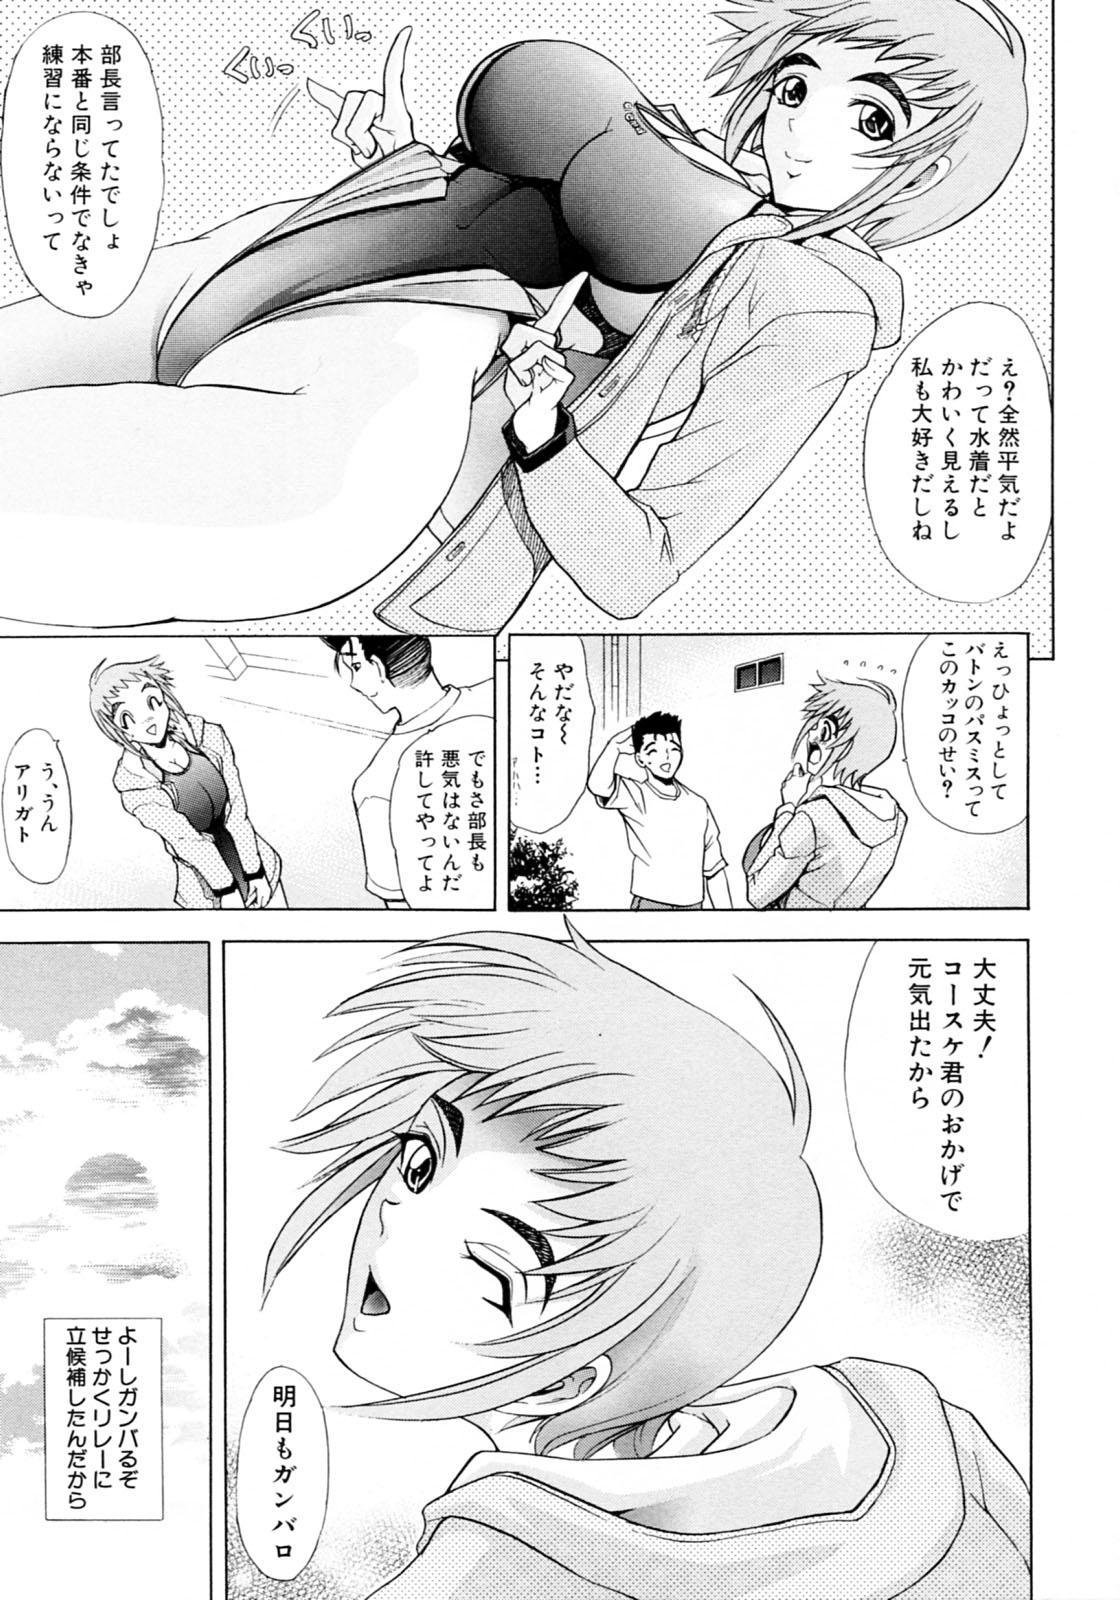 Kinsoku Shikou 110